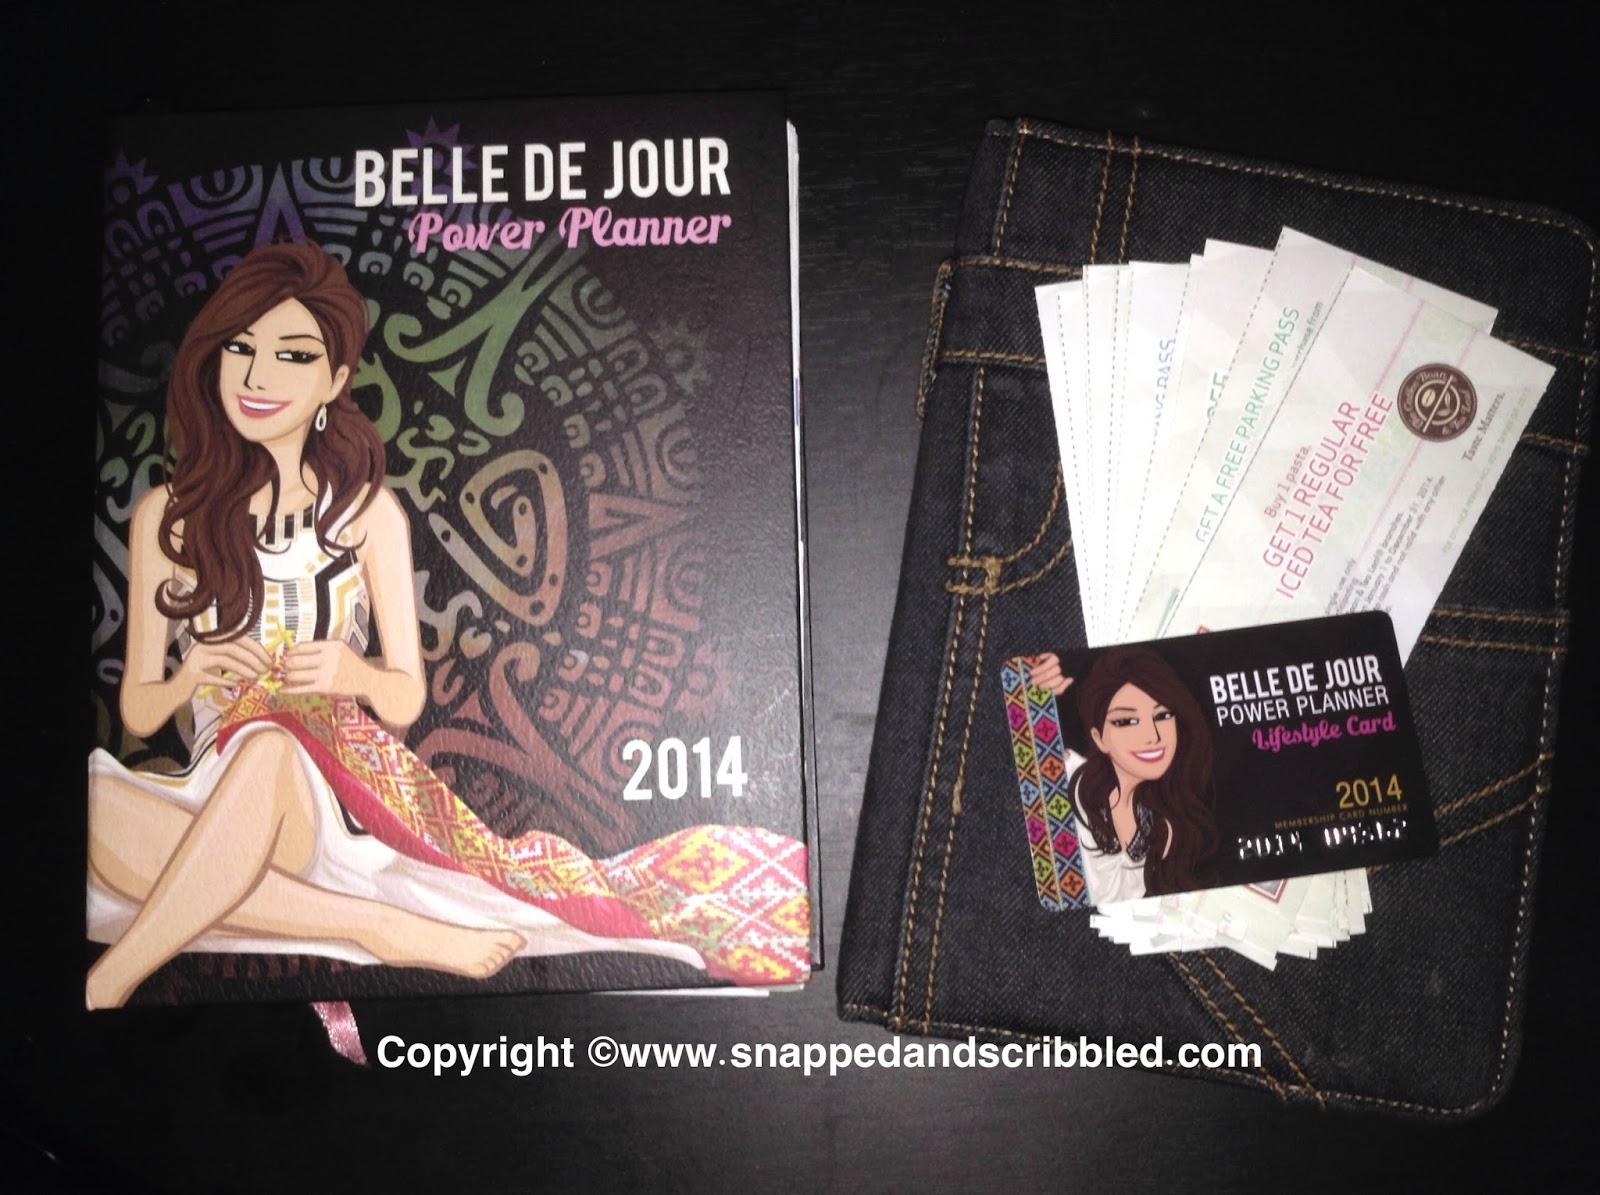 Belle De Jour Power Planner 2014